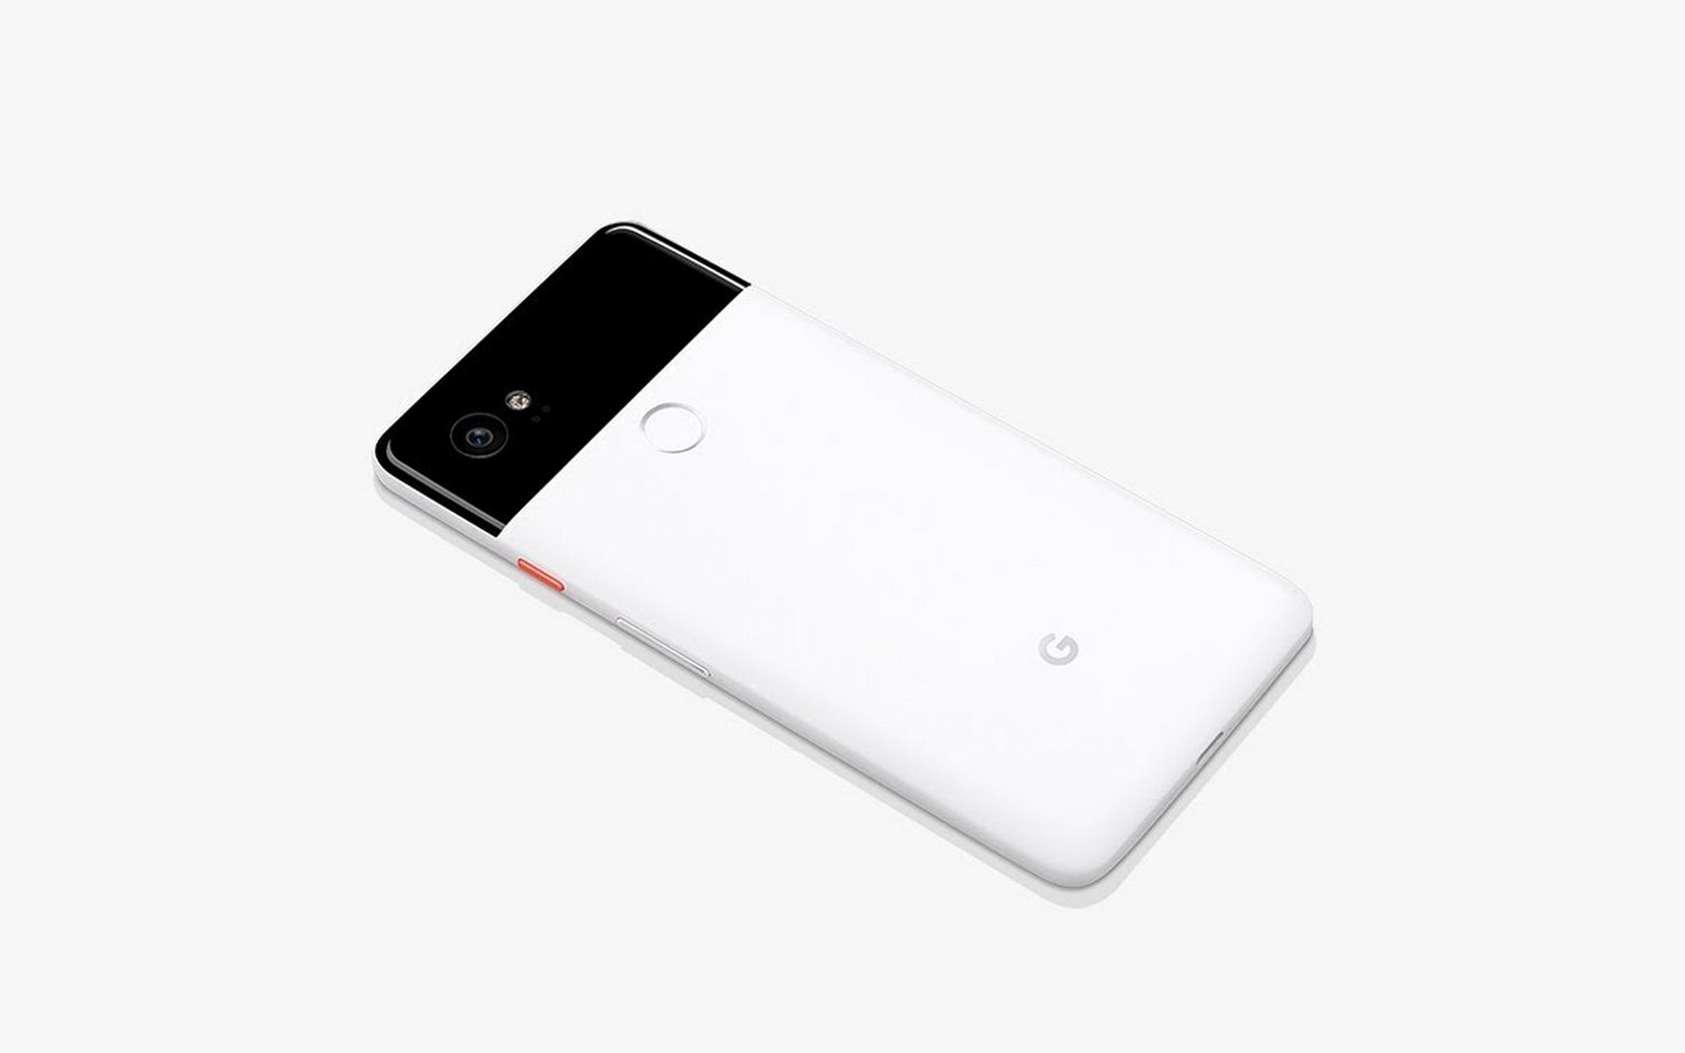 Google mise tout sur l'intelligence artificielle. Ici, le smartphone Pixel 2, qui est doté d'un écran Oled 5 pouces. © Google